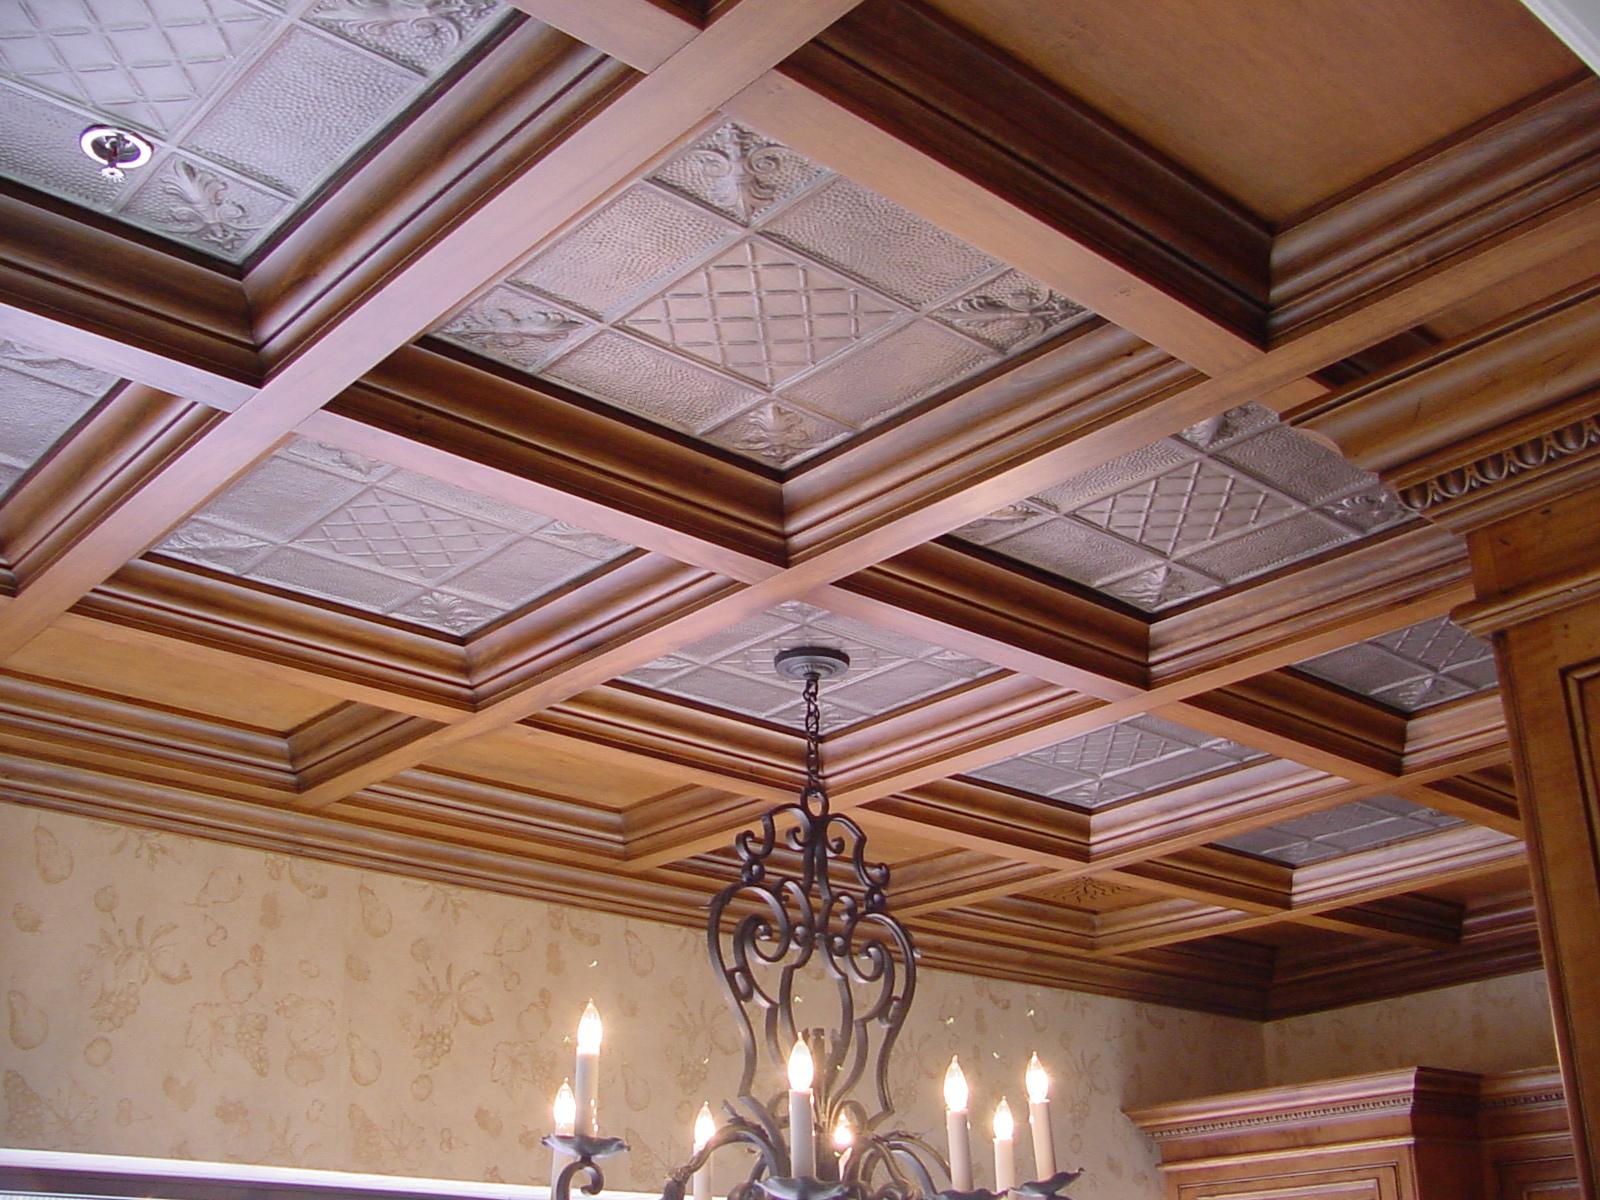 Wood Floors Tile Linoleum Jmarvinhandyman - Ceiling tile repair kit